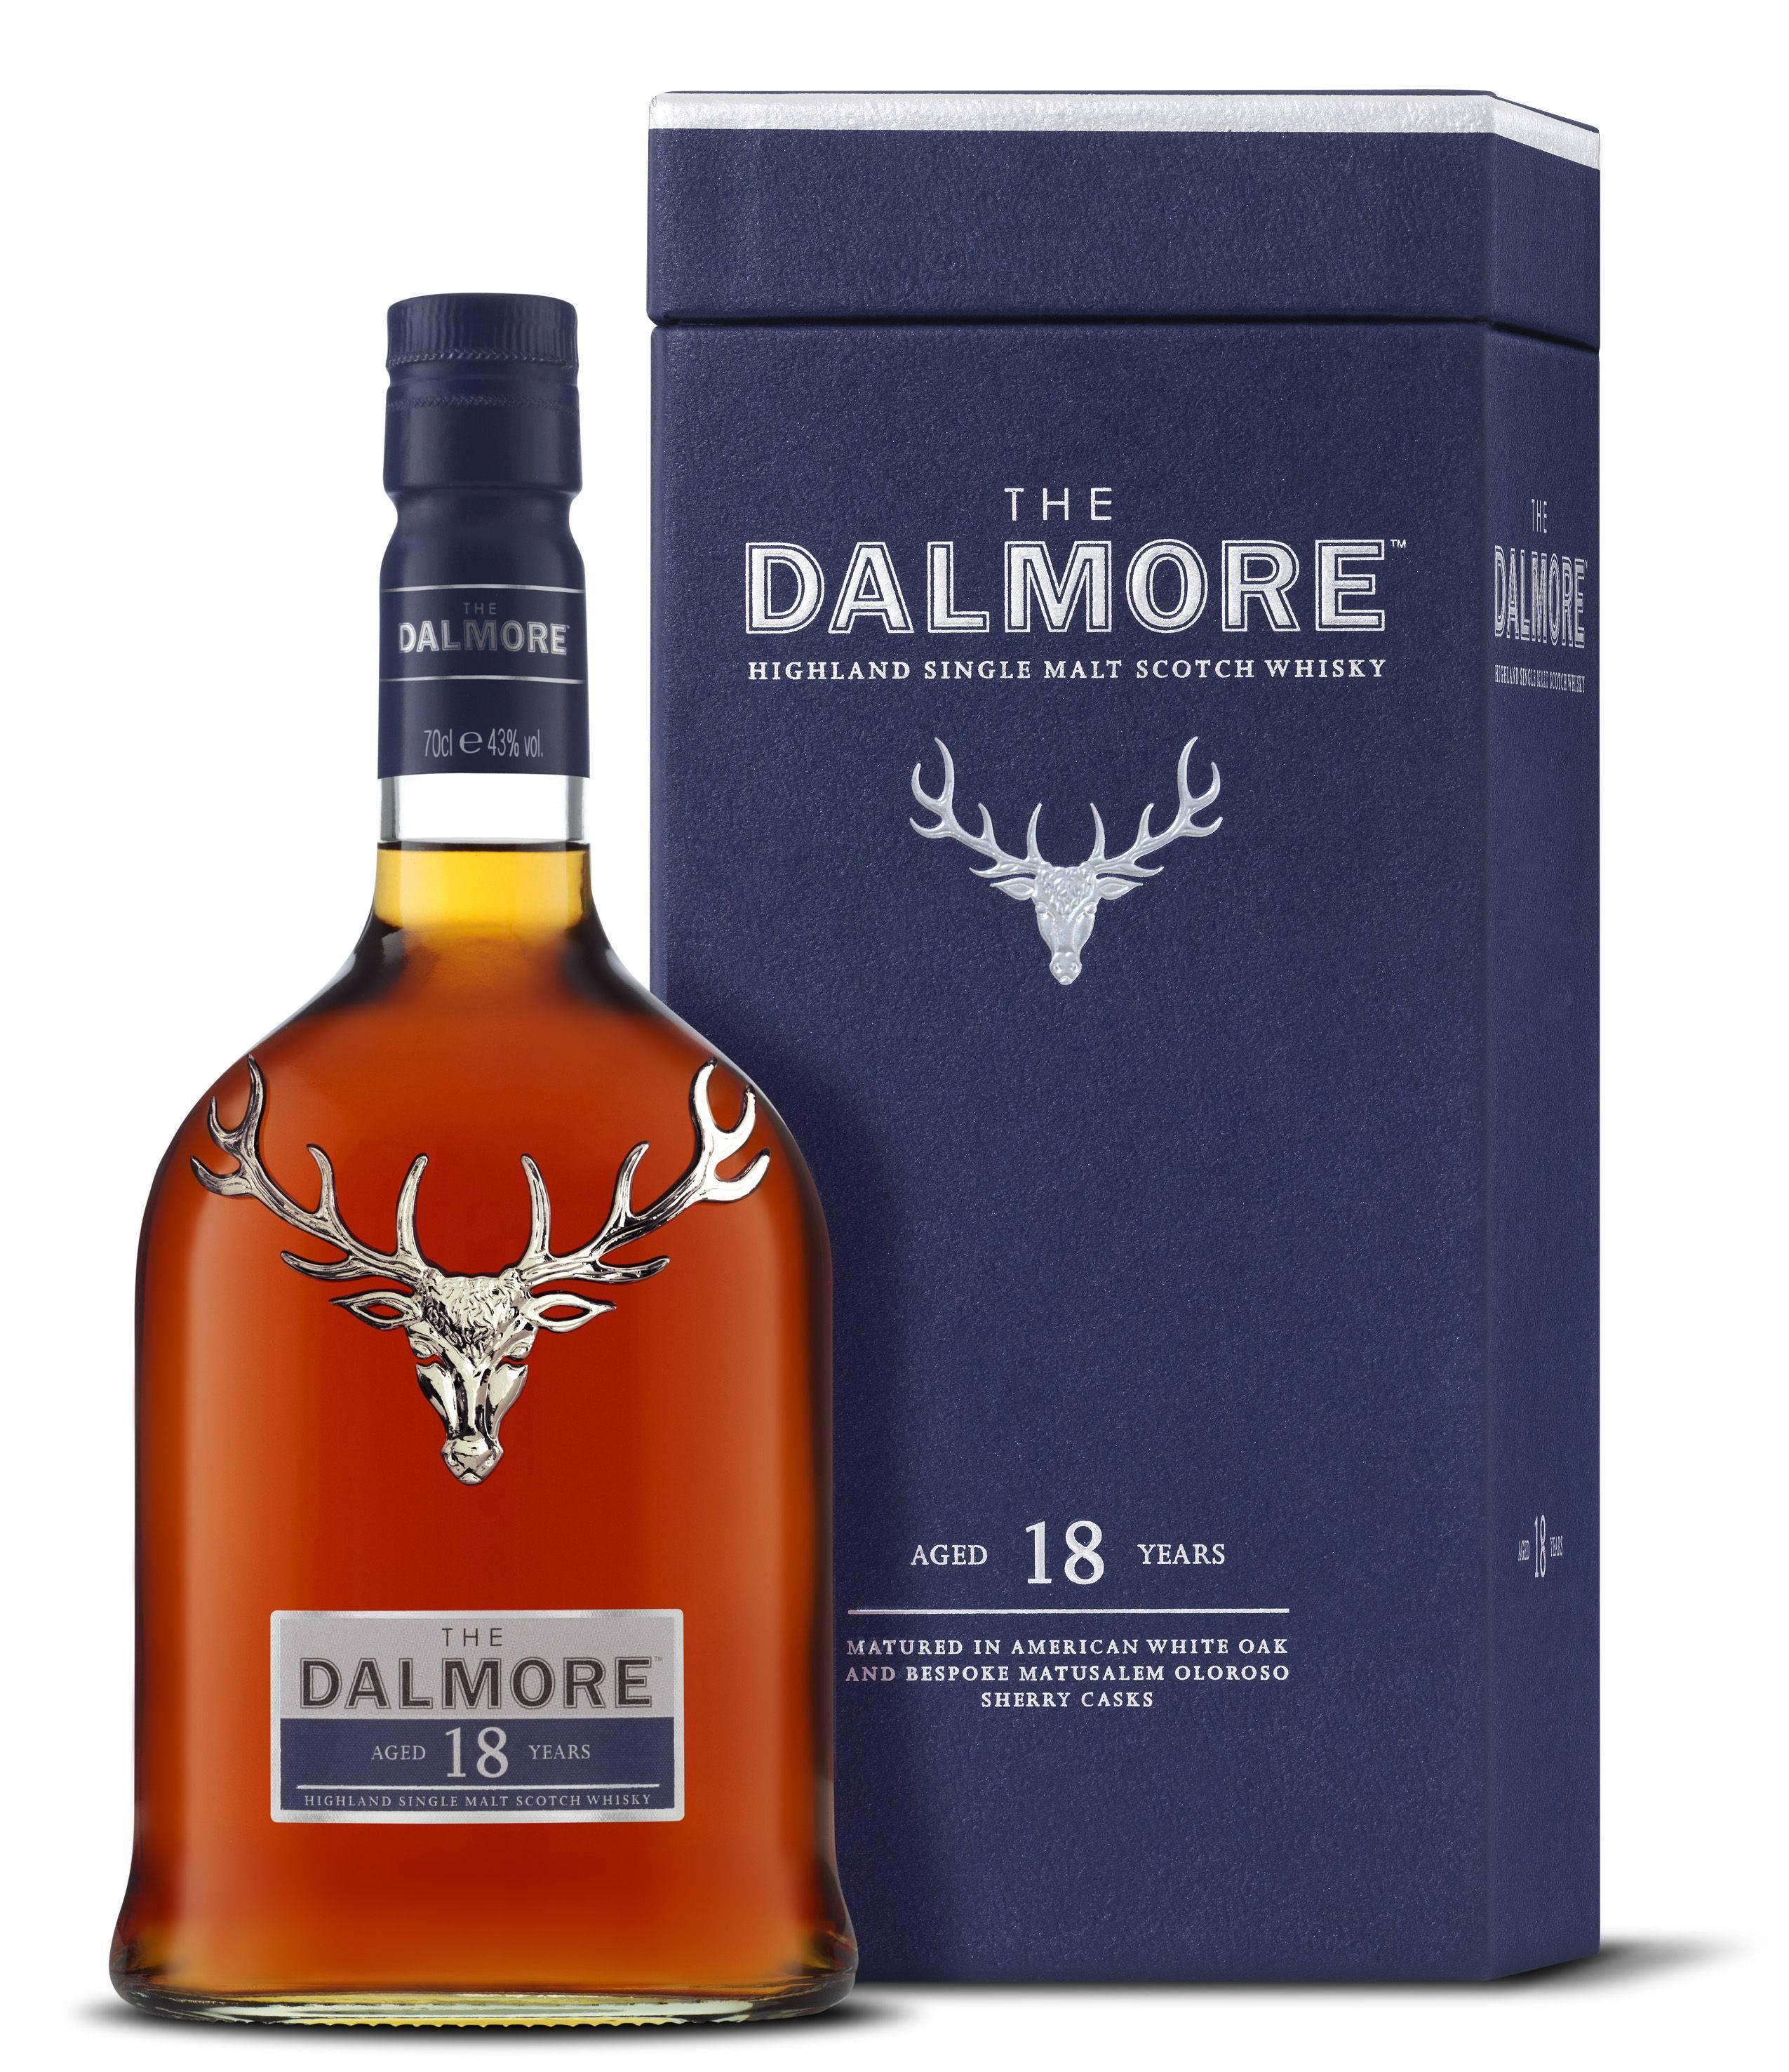 Виски далмор (dalmore): история бренда, обзор скотчей в коллекции   inshaker   яндекс дзен